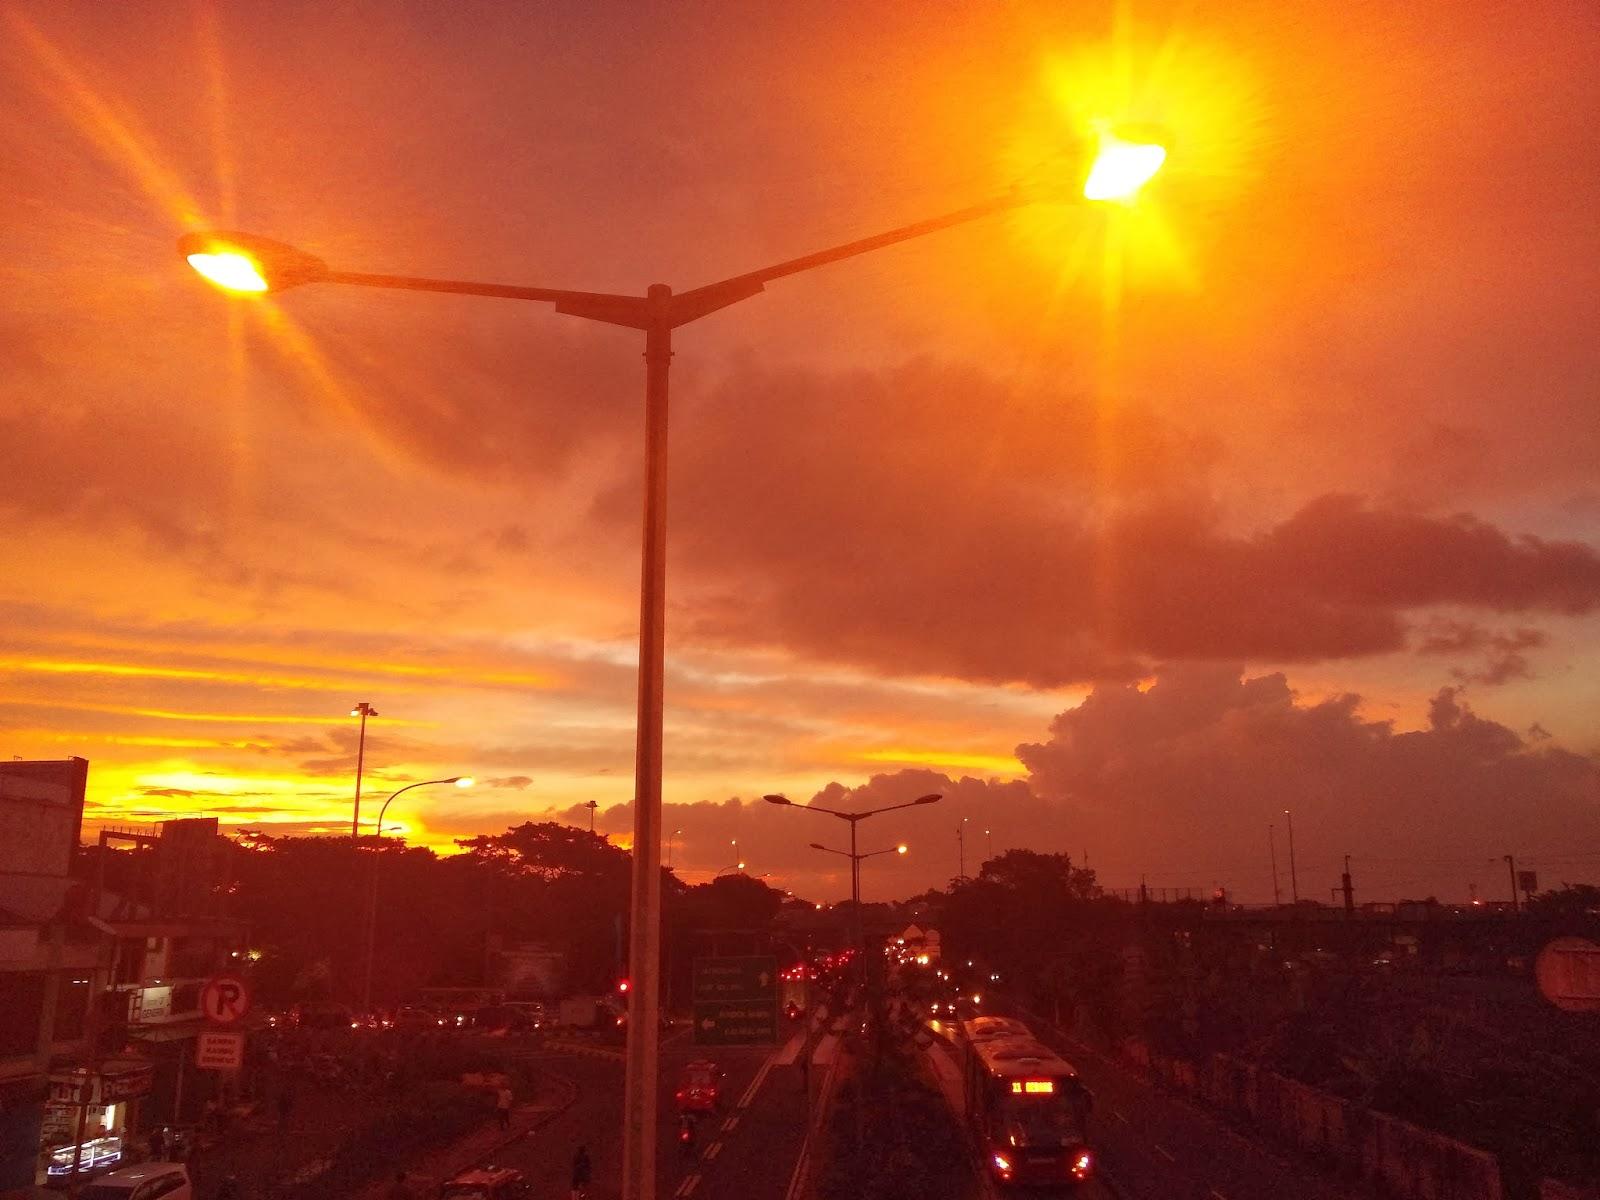 Namun jika memakai scene mode sunset hasilnya seperti senja merah Filter dari scene mode sunset dapat menangkap warna senja Cantik juga sih hanya saja